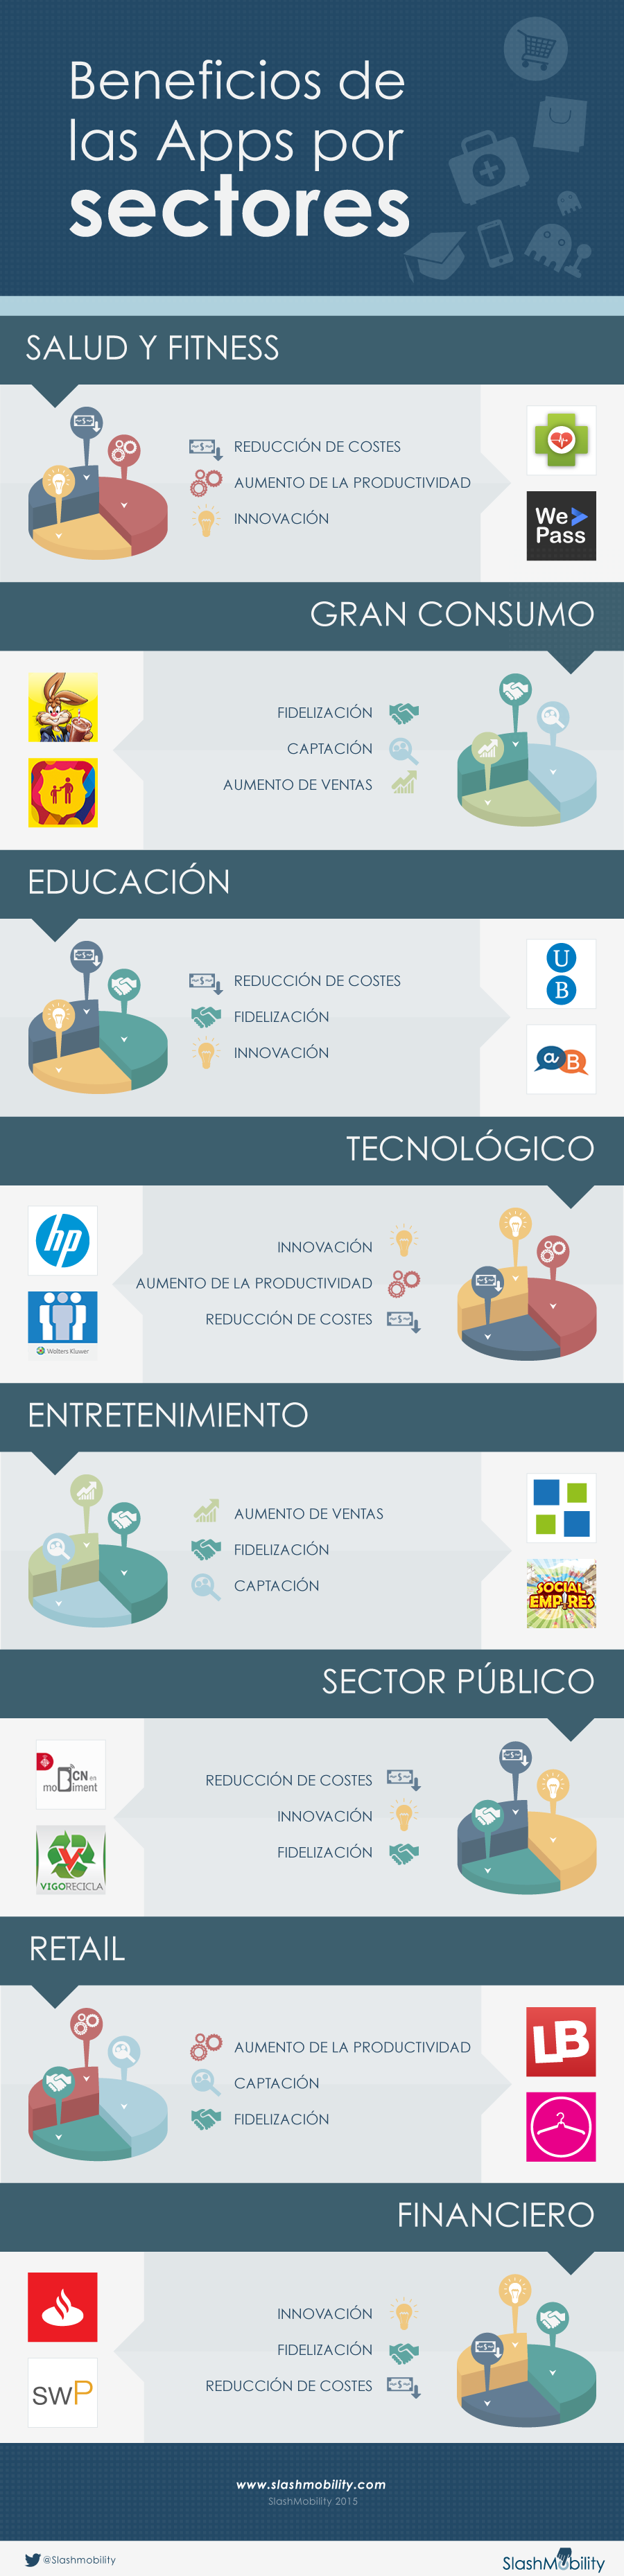 infografia_beneficios-sectores_es (3)